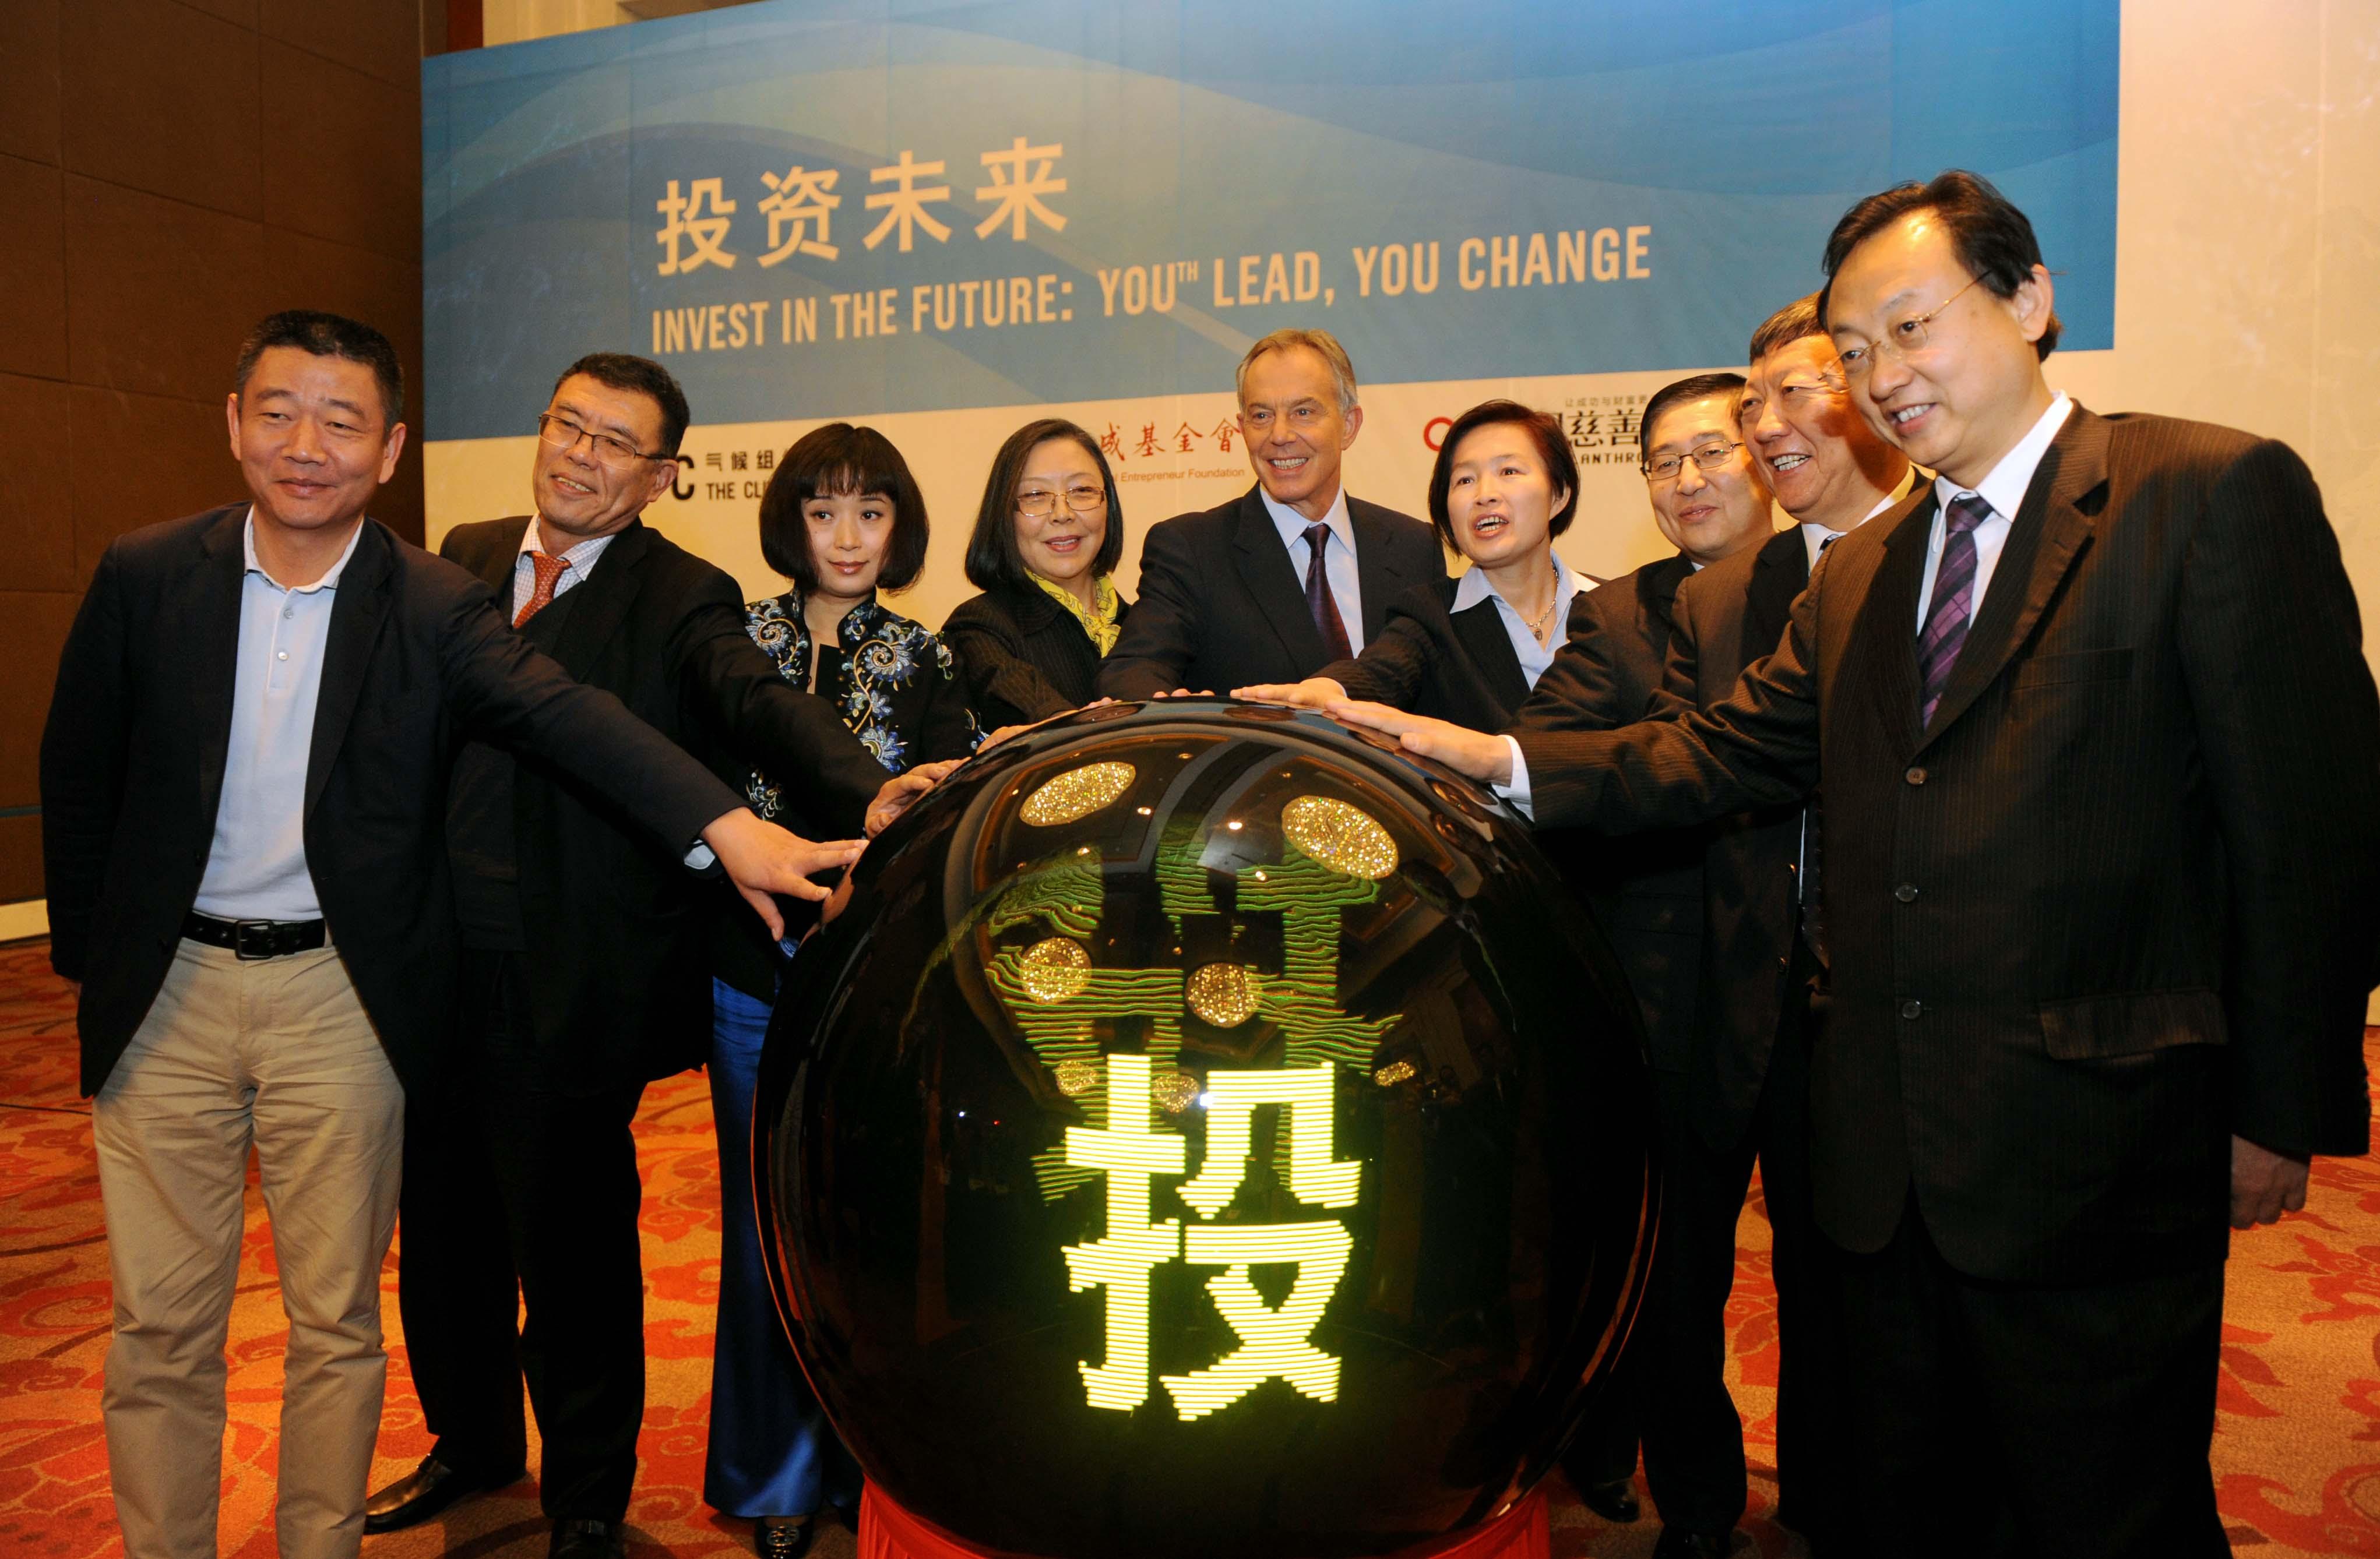 """""""投资未来"""":创造有社会价值的财富与思想"""